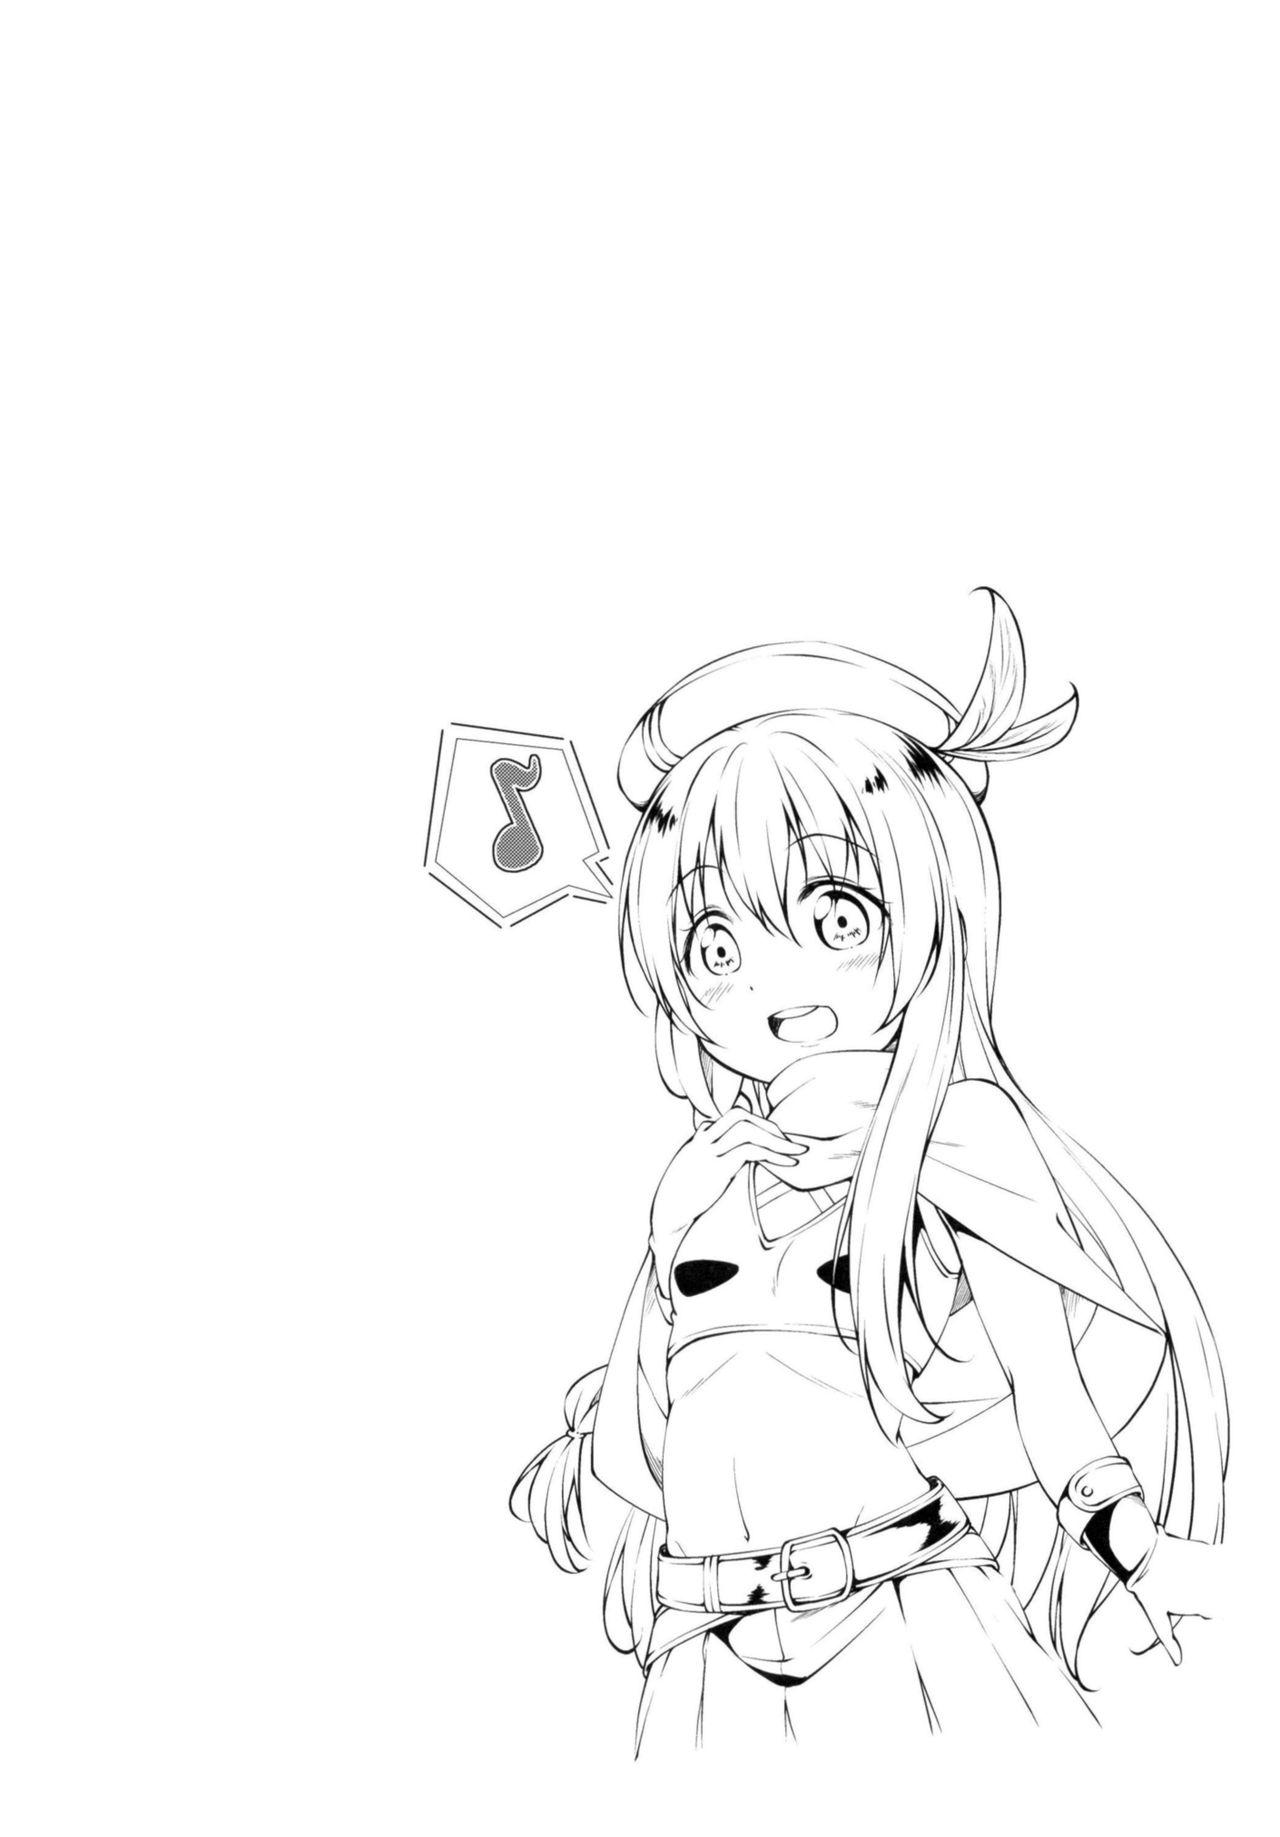 [Idobata Kaigisho (Fried)] Kono Subarashii Oujo-sama wa Onii-sama ga Daisuki!! | This Wonderful Princess Loves Her Big Brother a Lot!! (Kono Subarashii Sekai ni Syukufuku o!) [English] [Juster] [Digital] 2